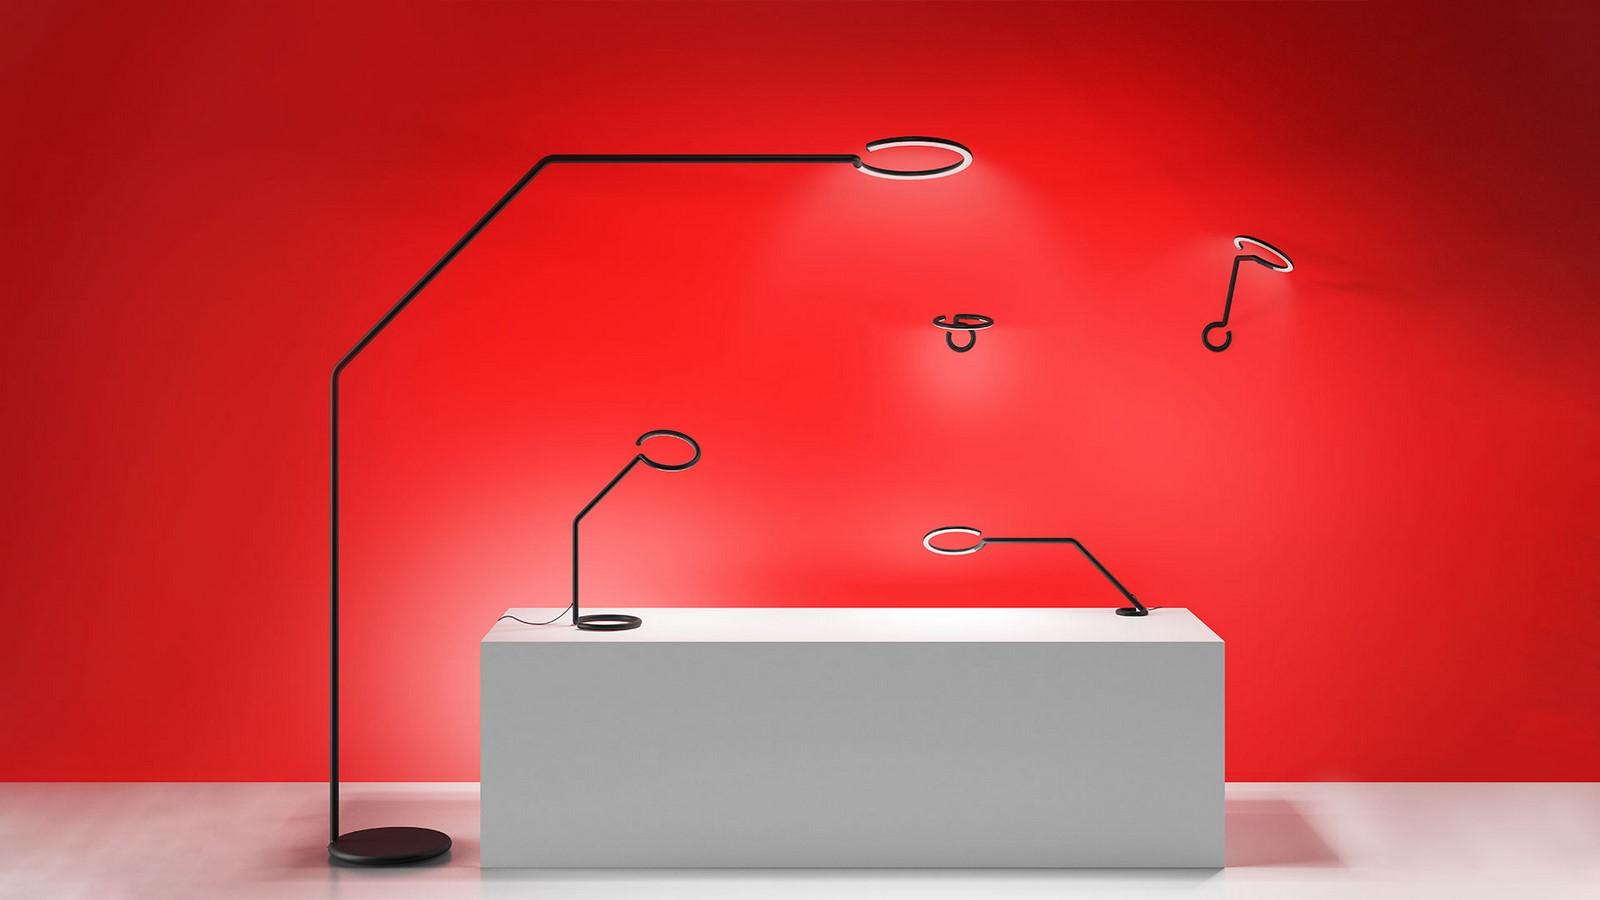 Vine Light for Artemide designed by Bjarke Ingels looks like a doodle - Sheet5